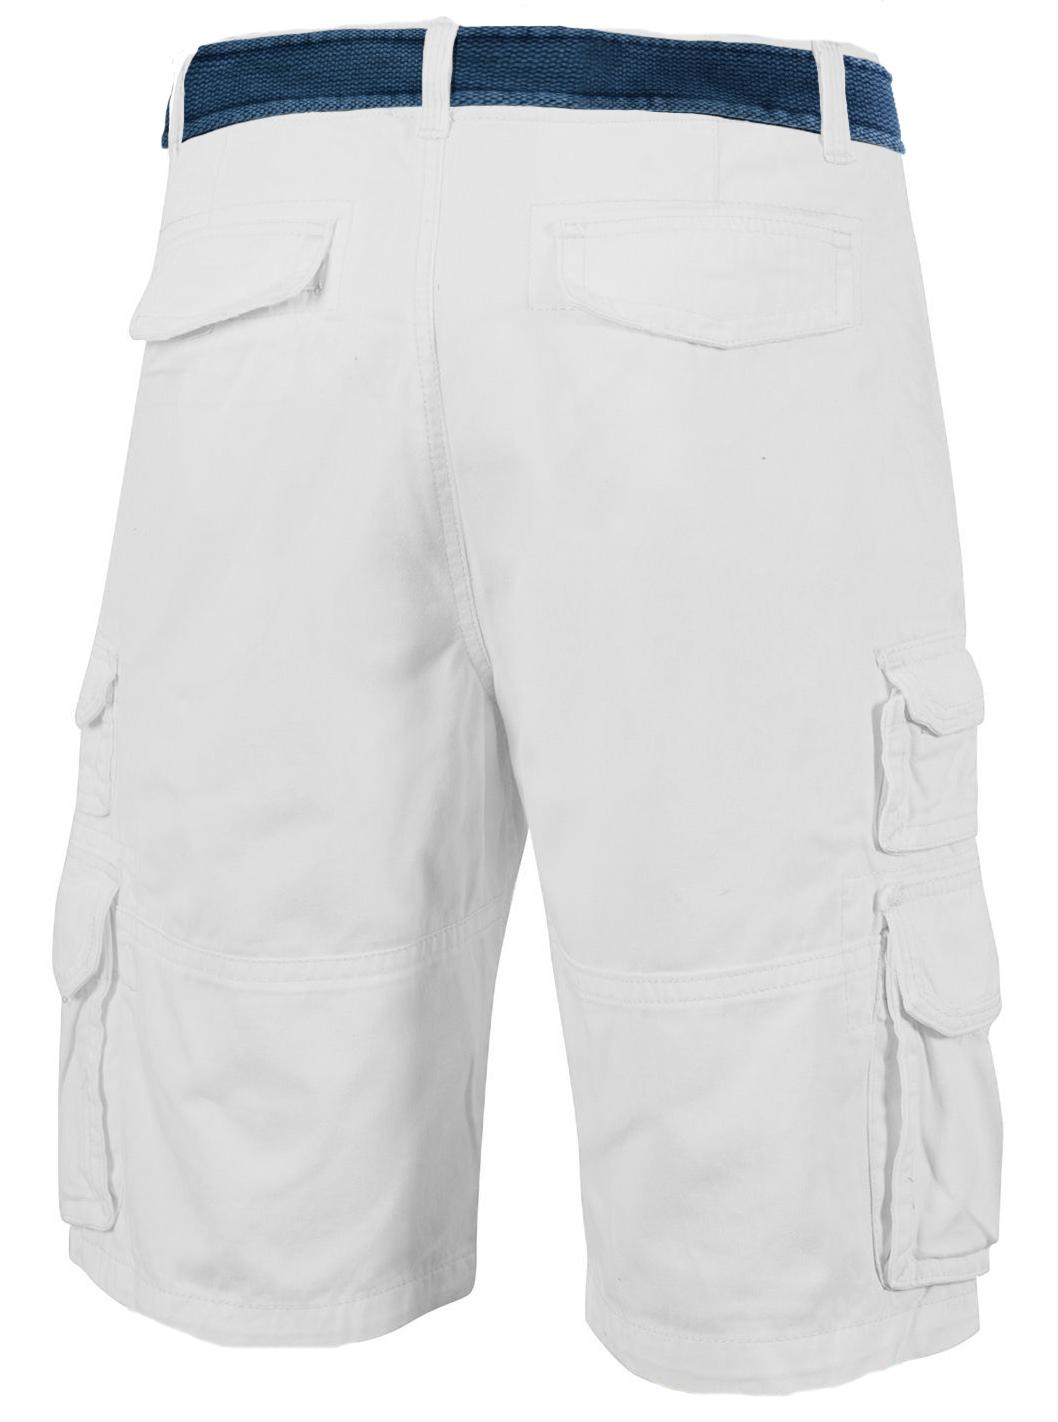 Заказать белые шорты с ремнем оптом